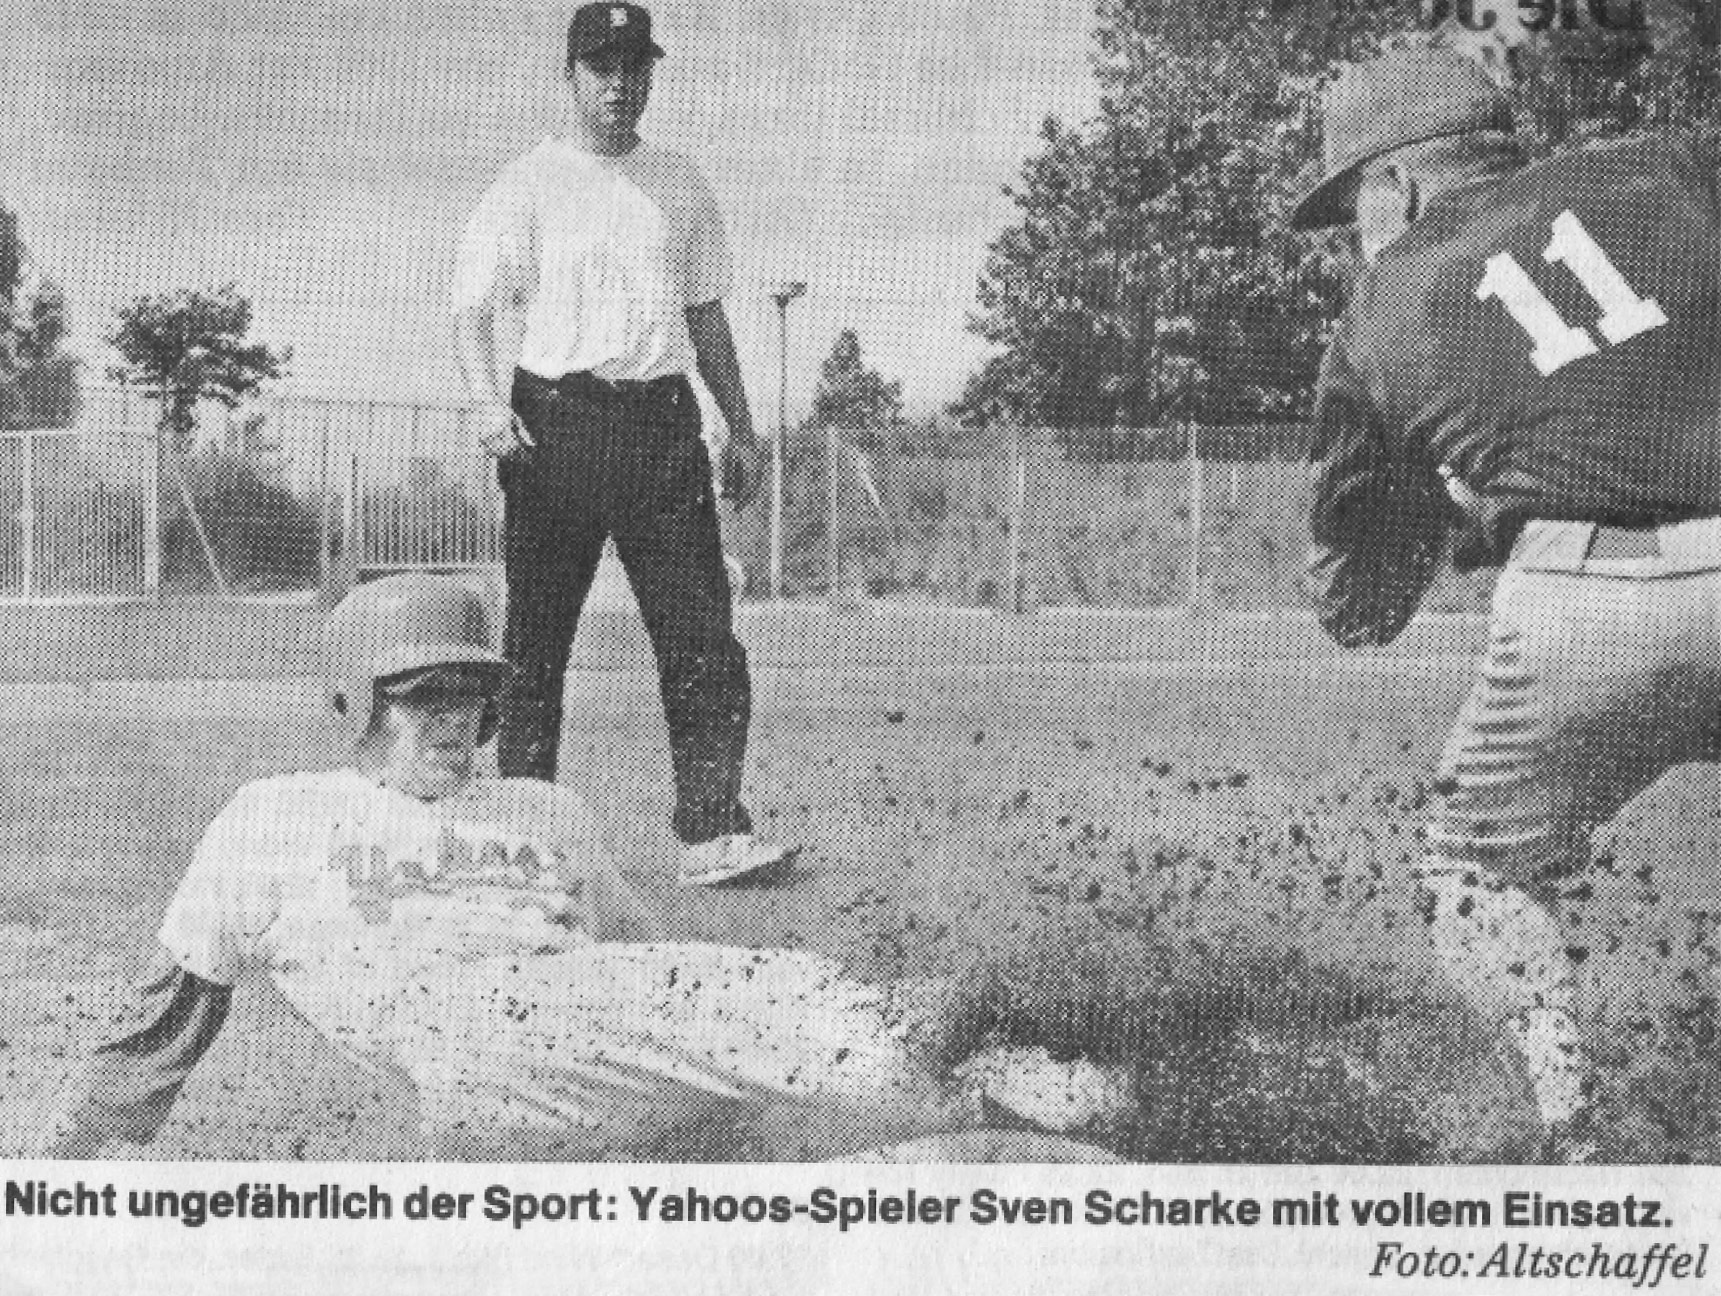 Nicht ungefährlich der Sport: Yahoos-Spieler Swen Scharke mit vollem Einsatz. Foto: Altschaffel